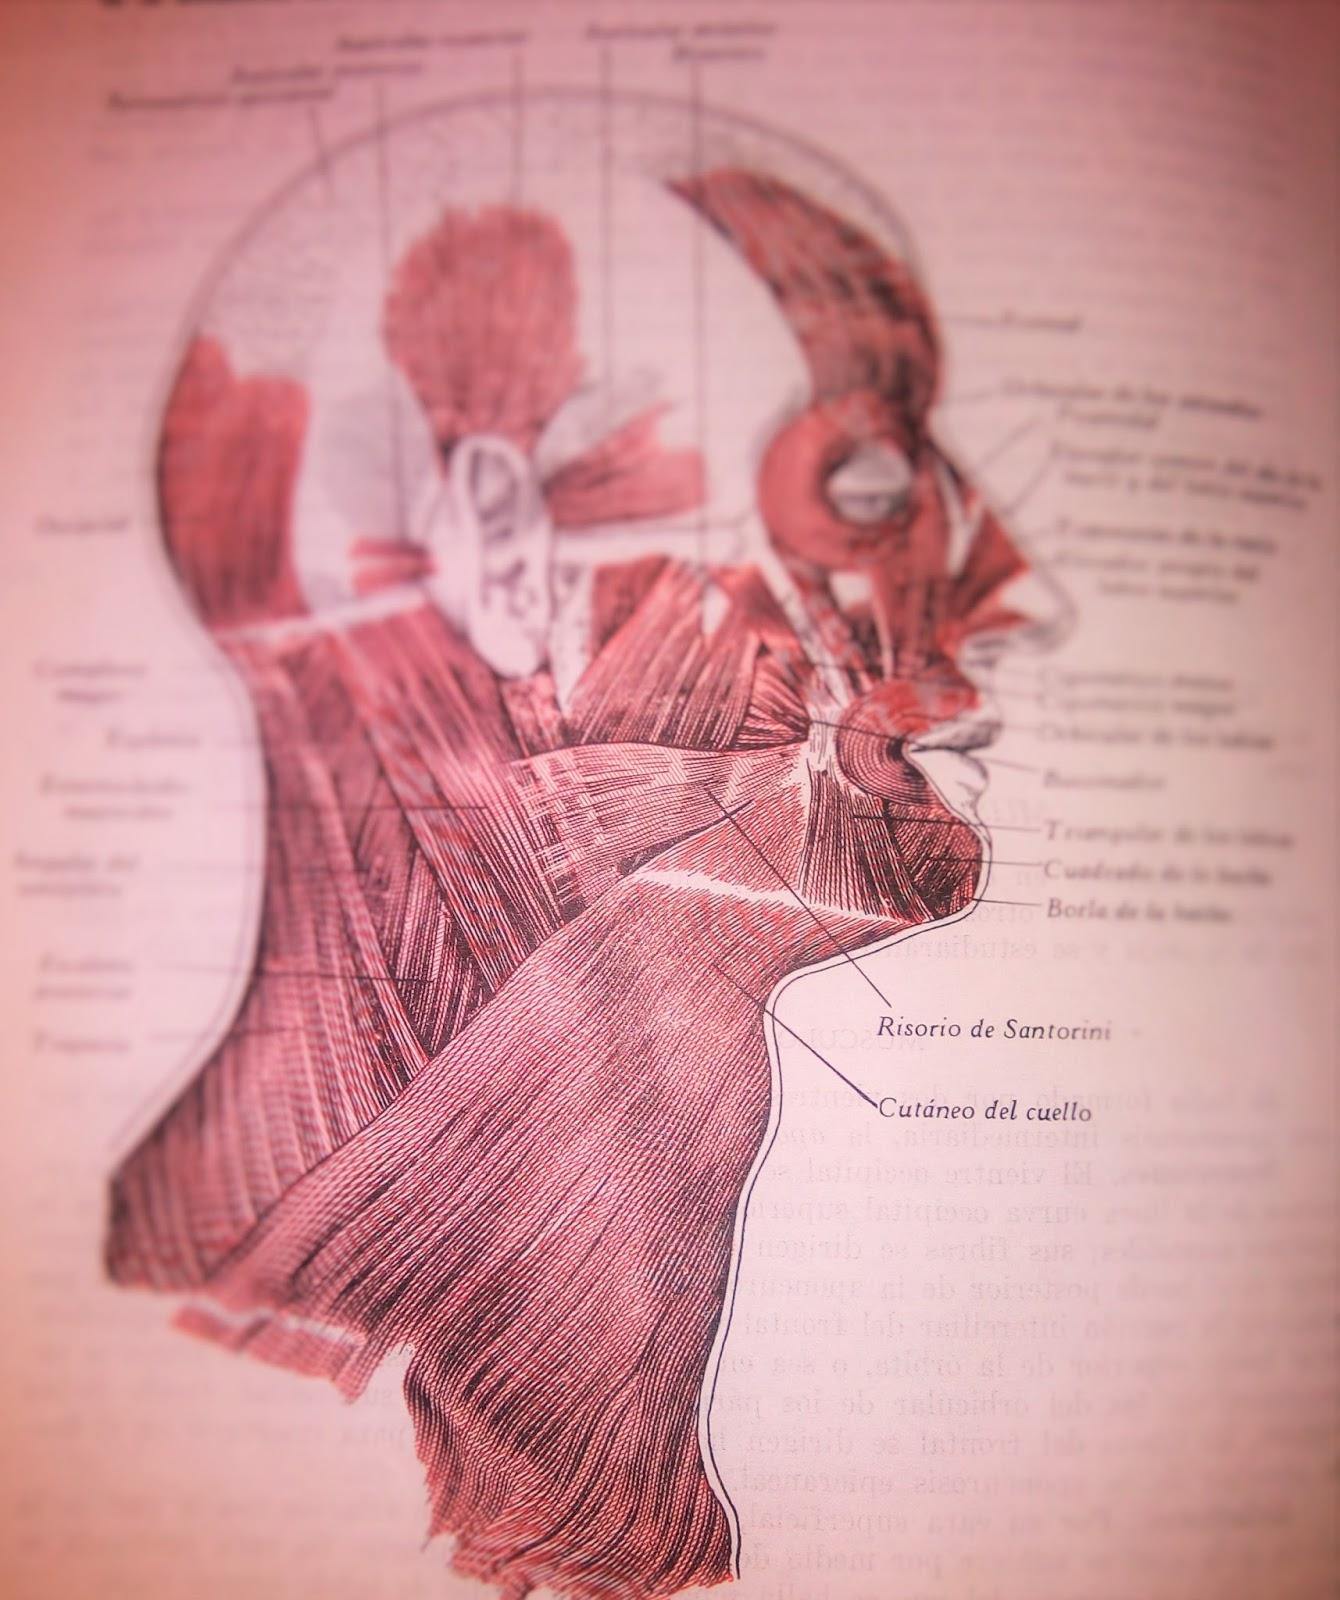 Anatomia Humana: MUSCULOS DEL CUELLO (Region lateral del cuello)